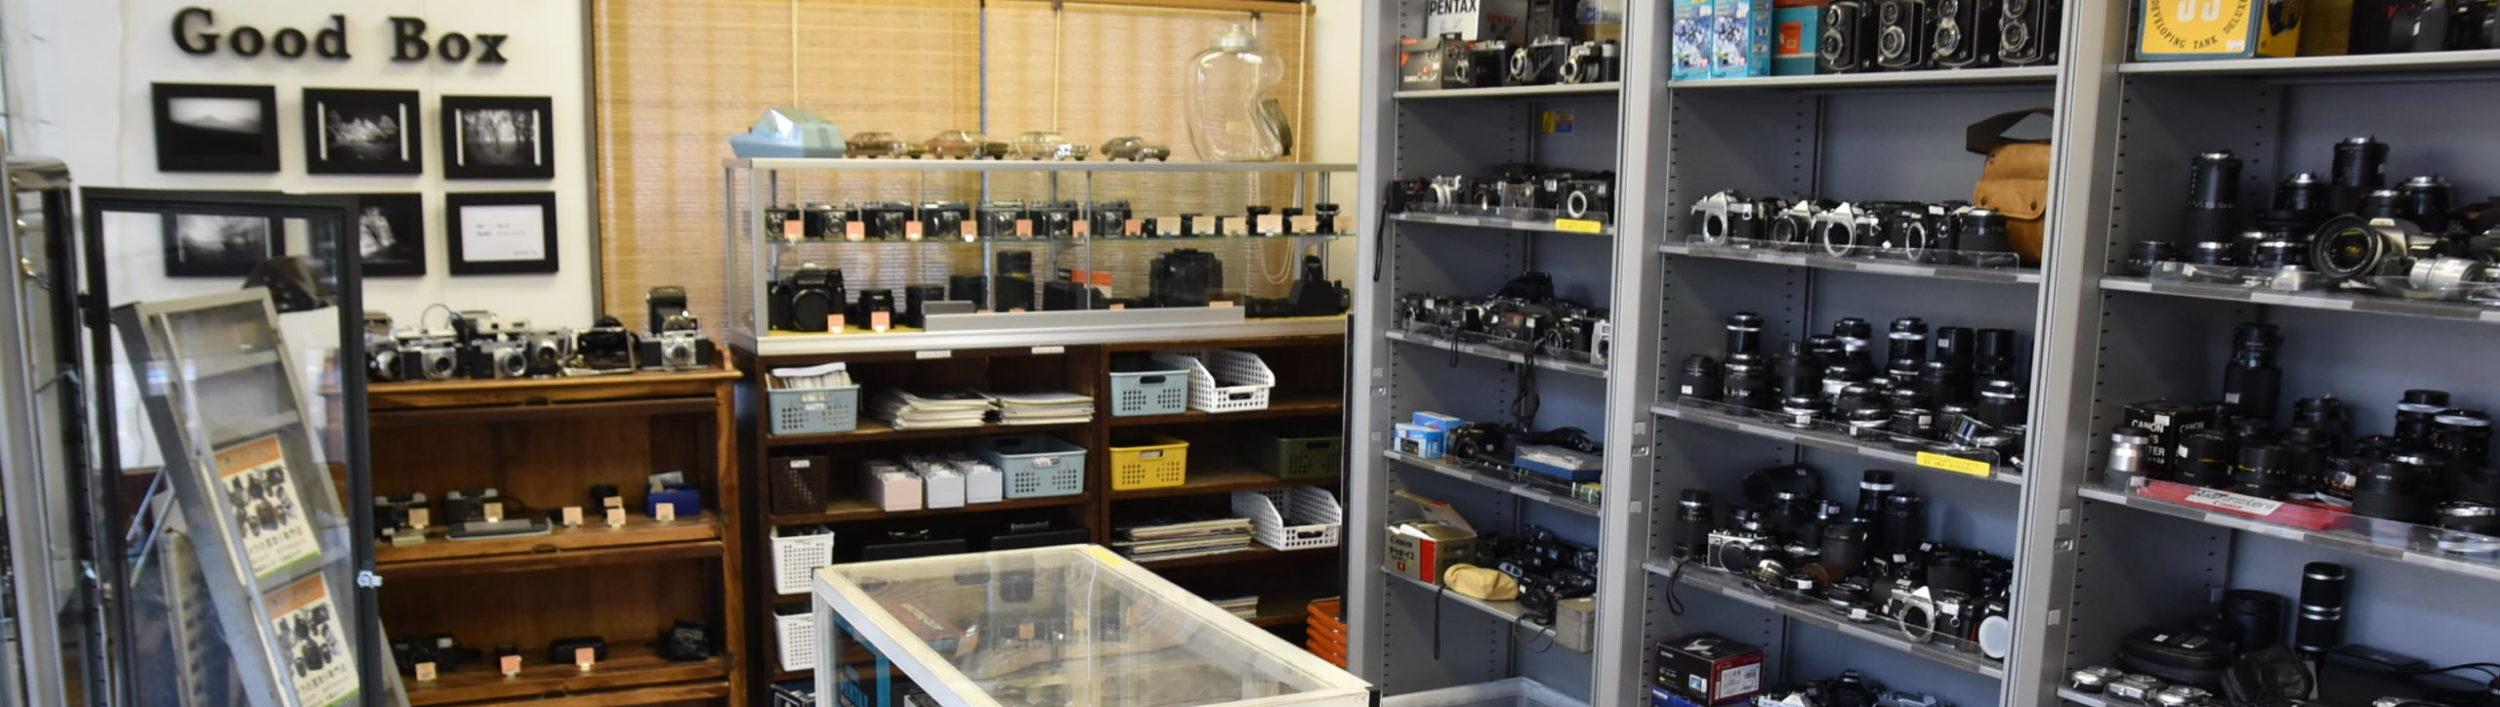 カメラ・レンズの買取販売のお店|グッドボックス|神奈川県大和市